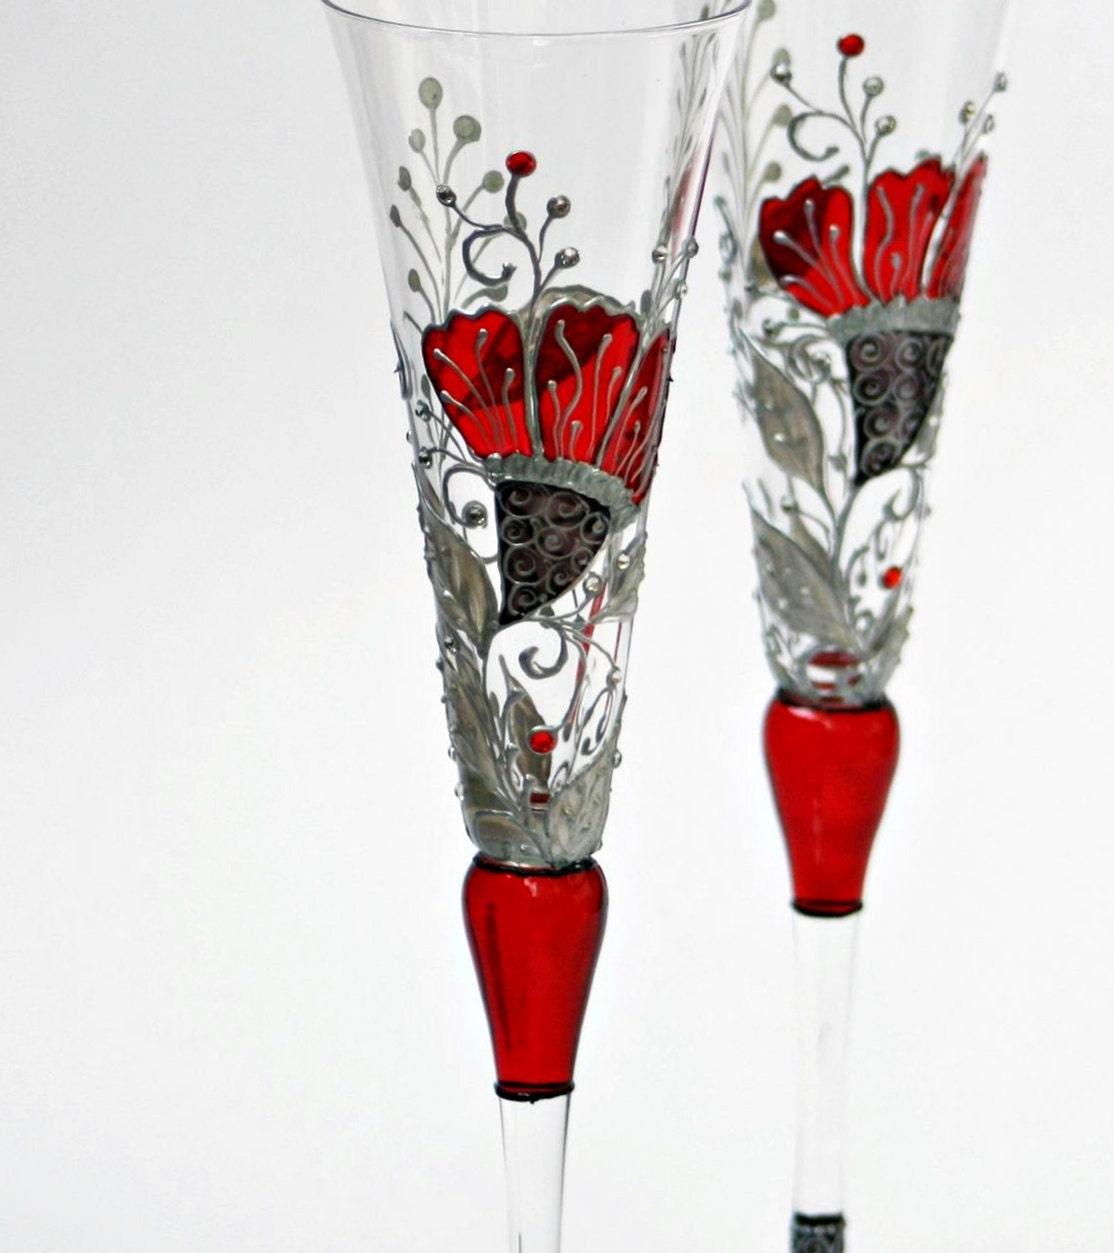 Свадебные тосты шампанское флейты Ручная роспись-Потрясающие цвета дизайн красный, серебристо-белый и черный